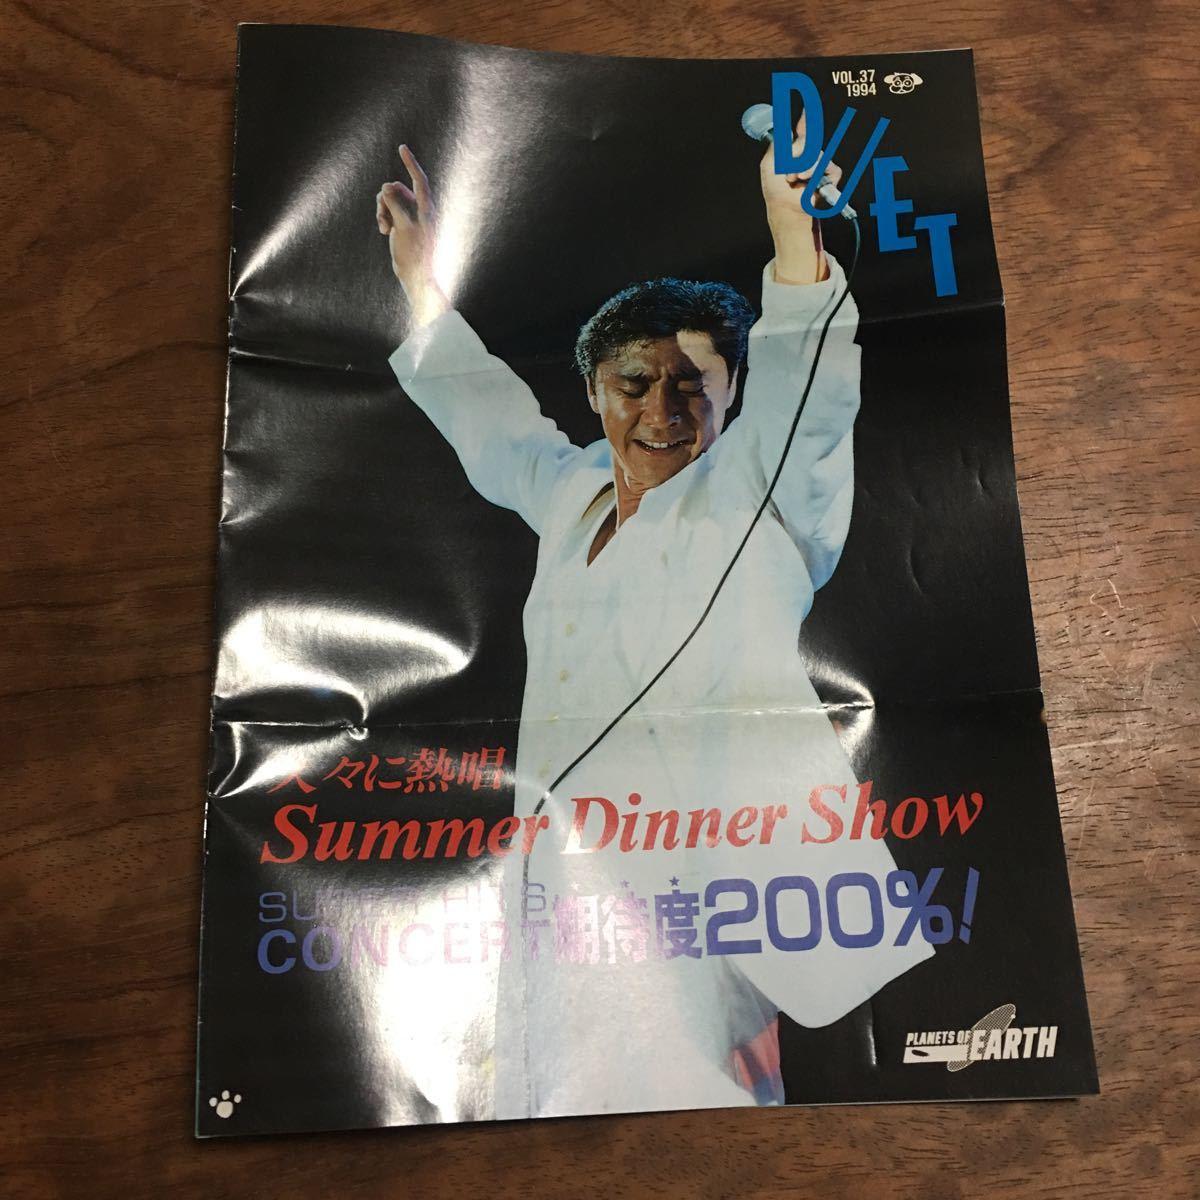 西城秀樹 ファンクラブ会報誌 DUET 1994 vol 37